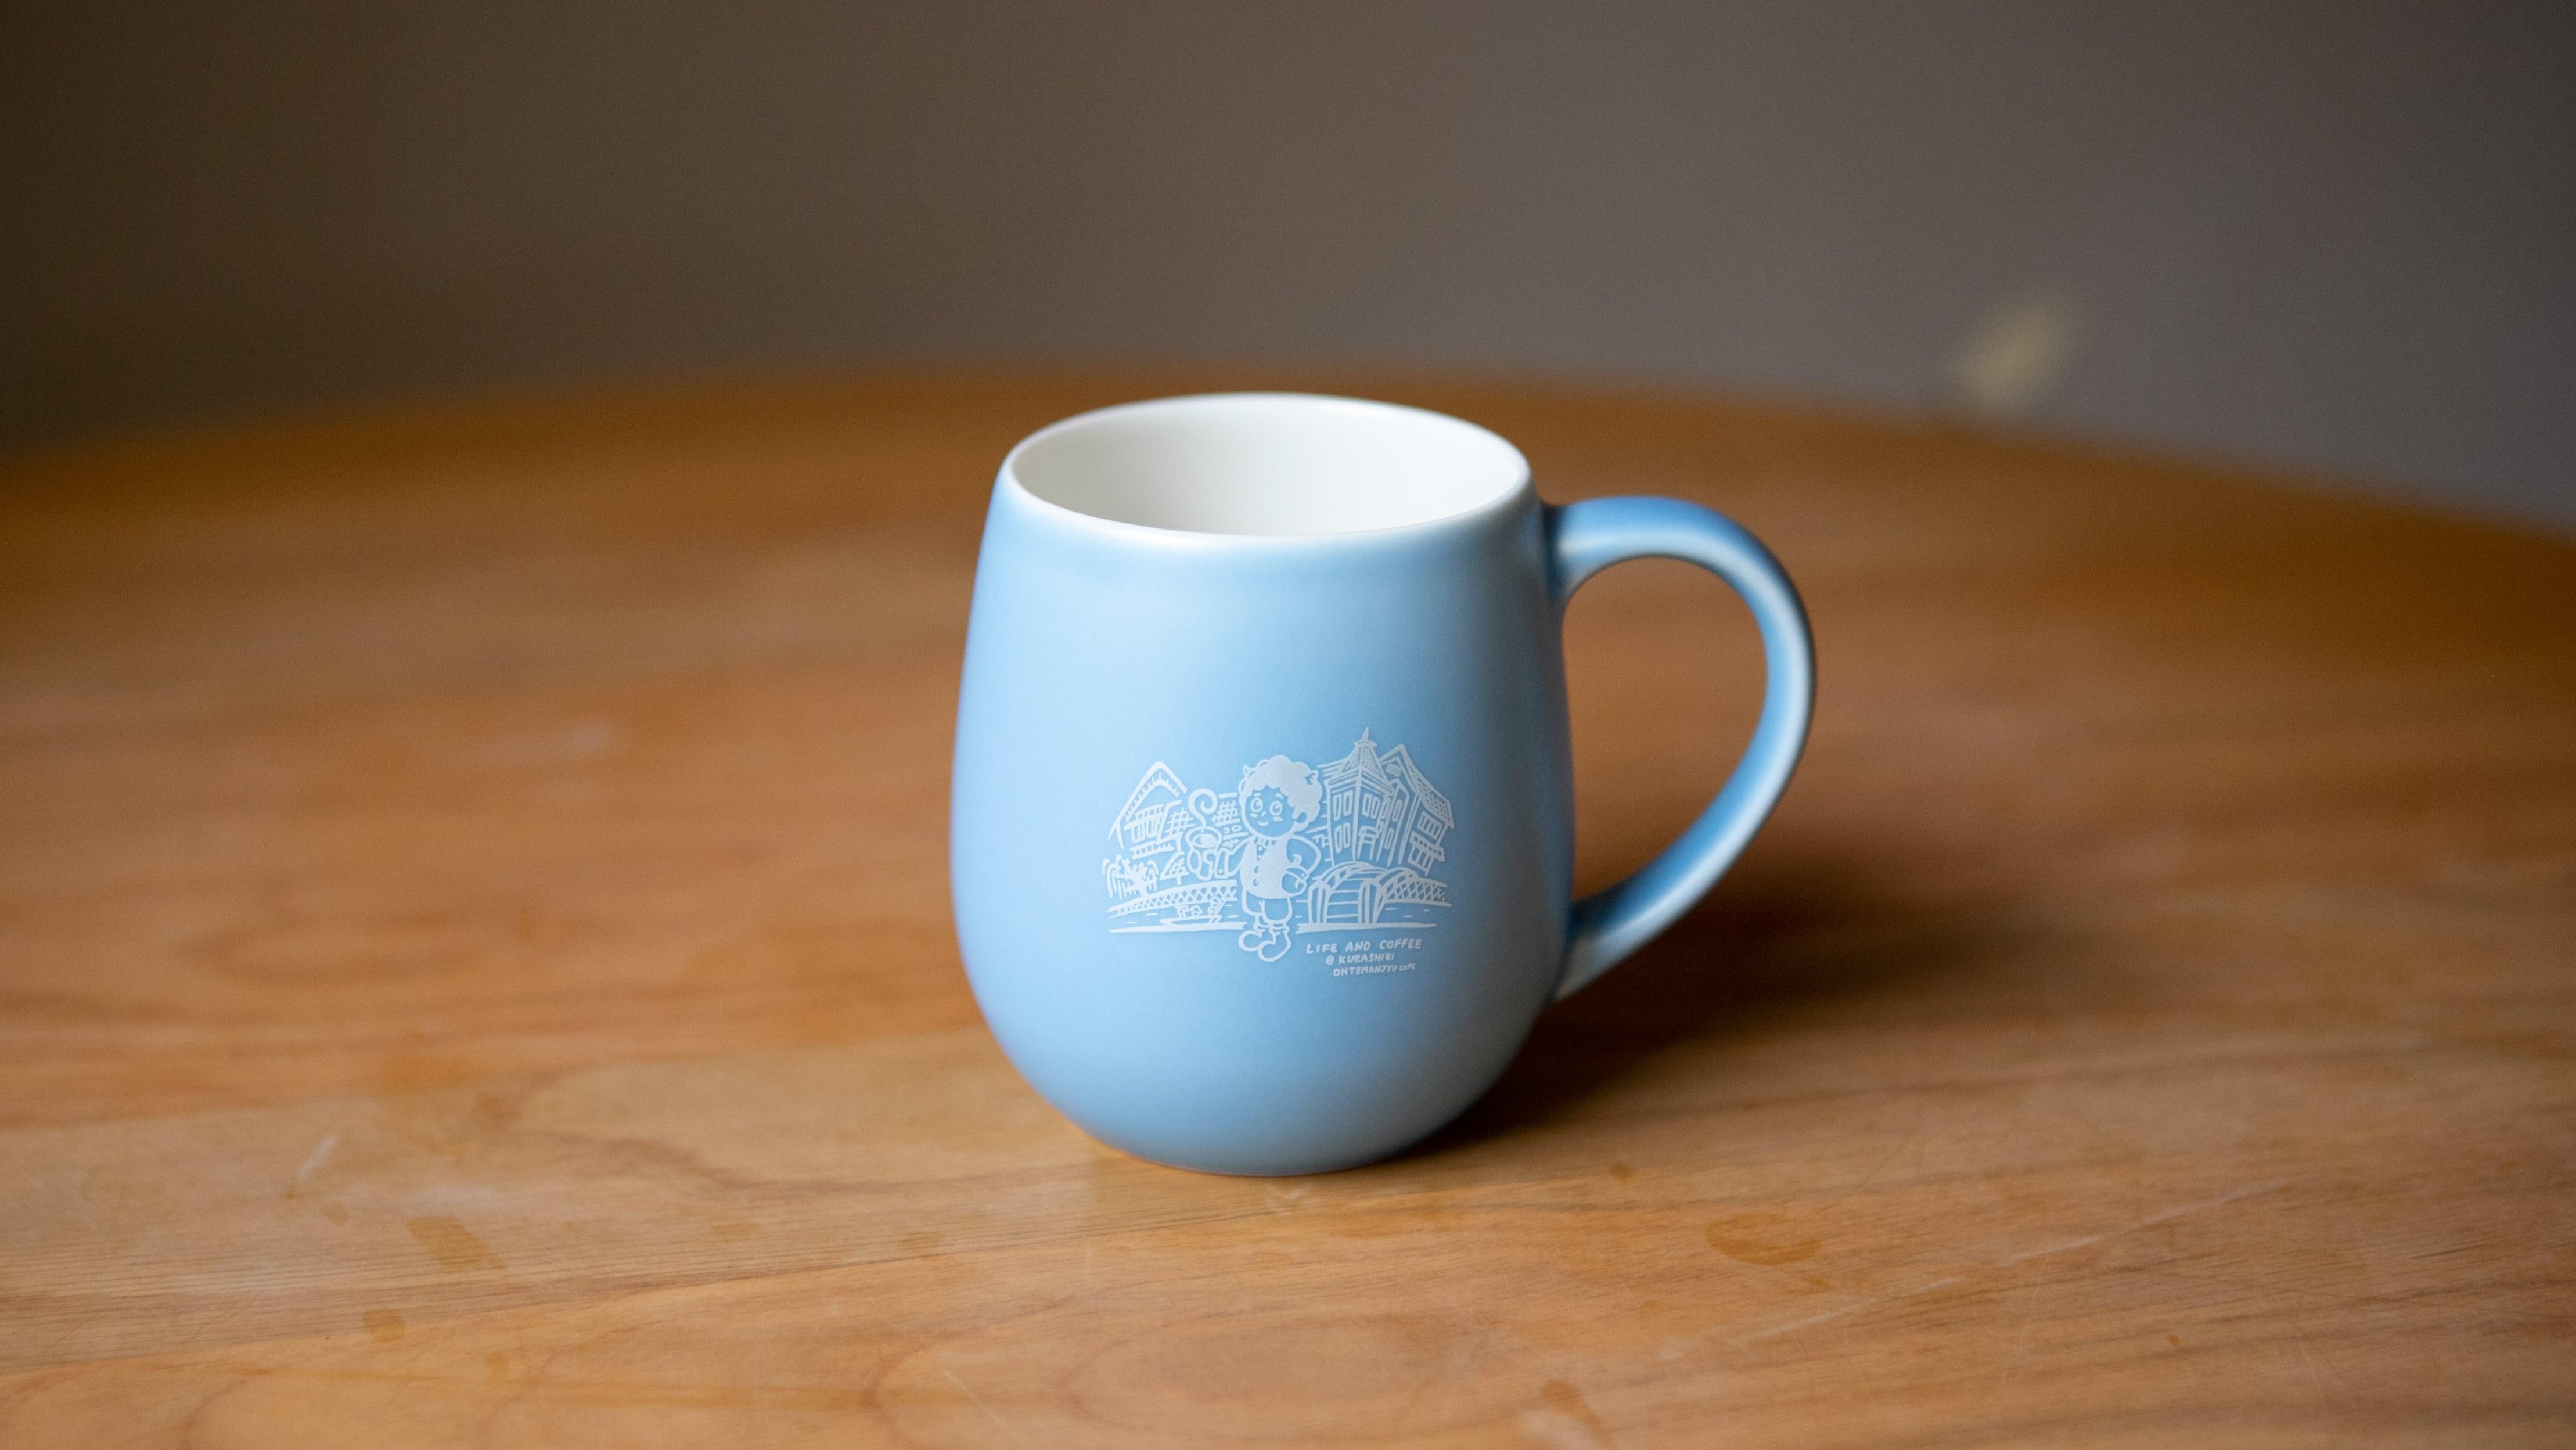 鬼ちゃんのマグカップ【マットブルー】※10/1(金)19時30分頃より販売開始となります。